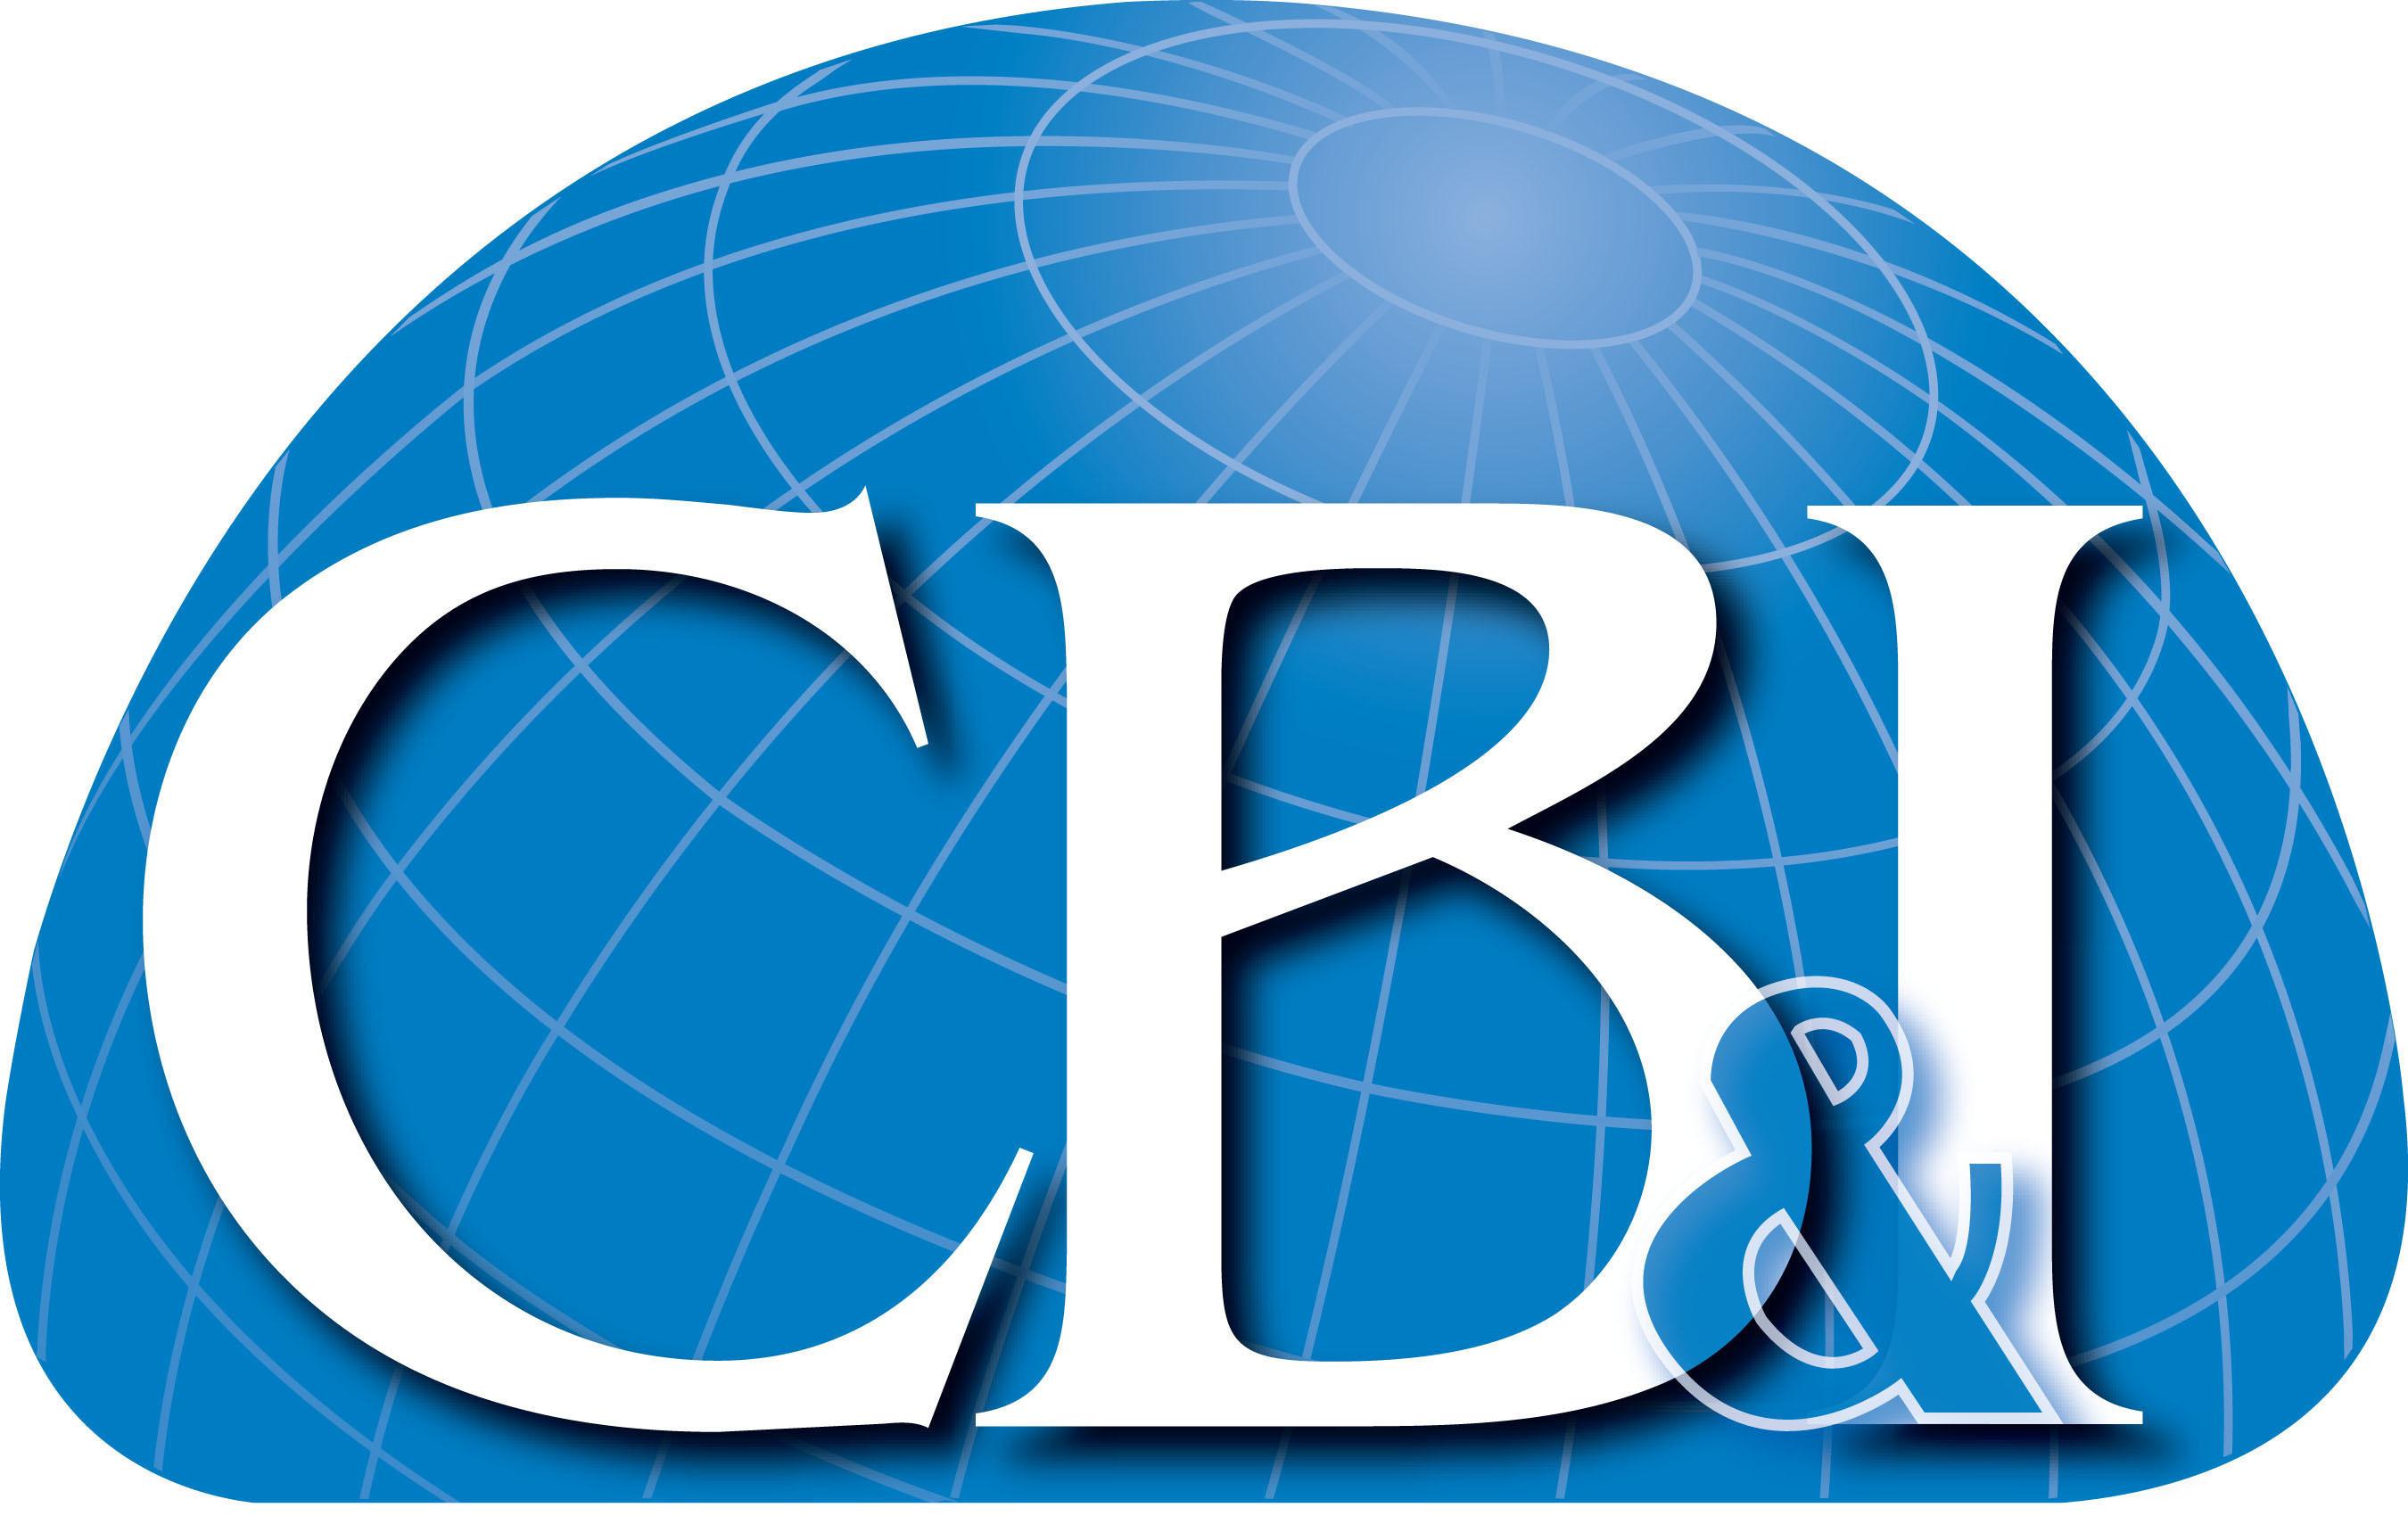 For more information, visit www.cbi.com